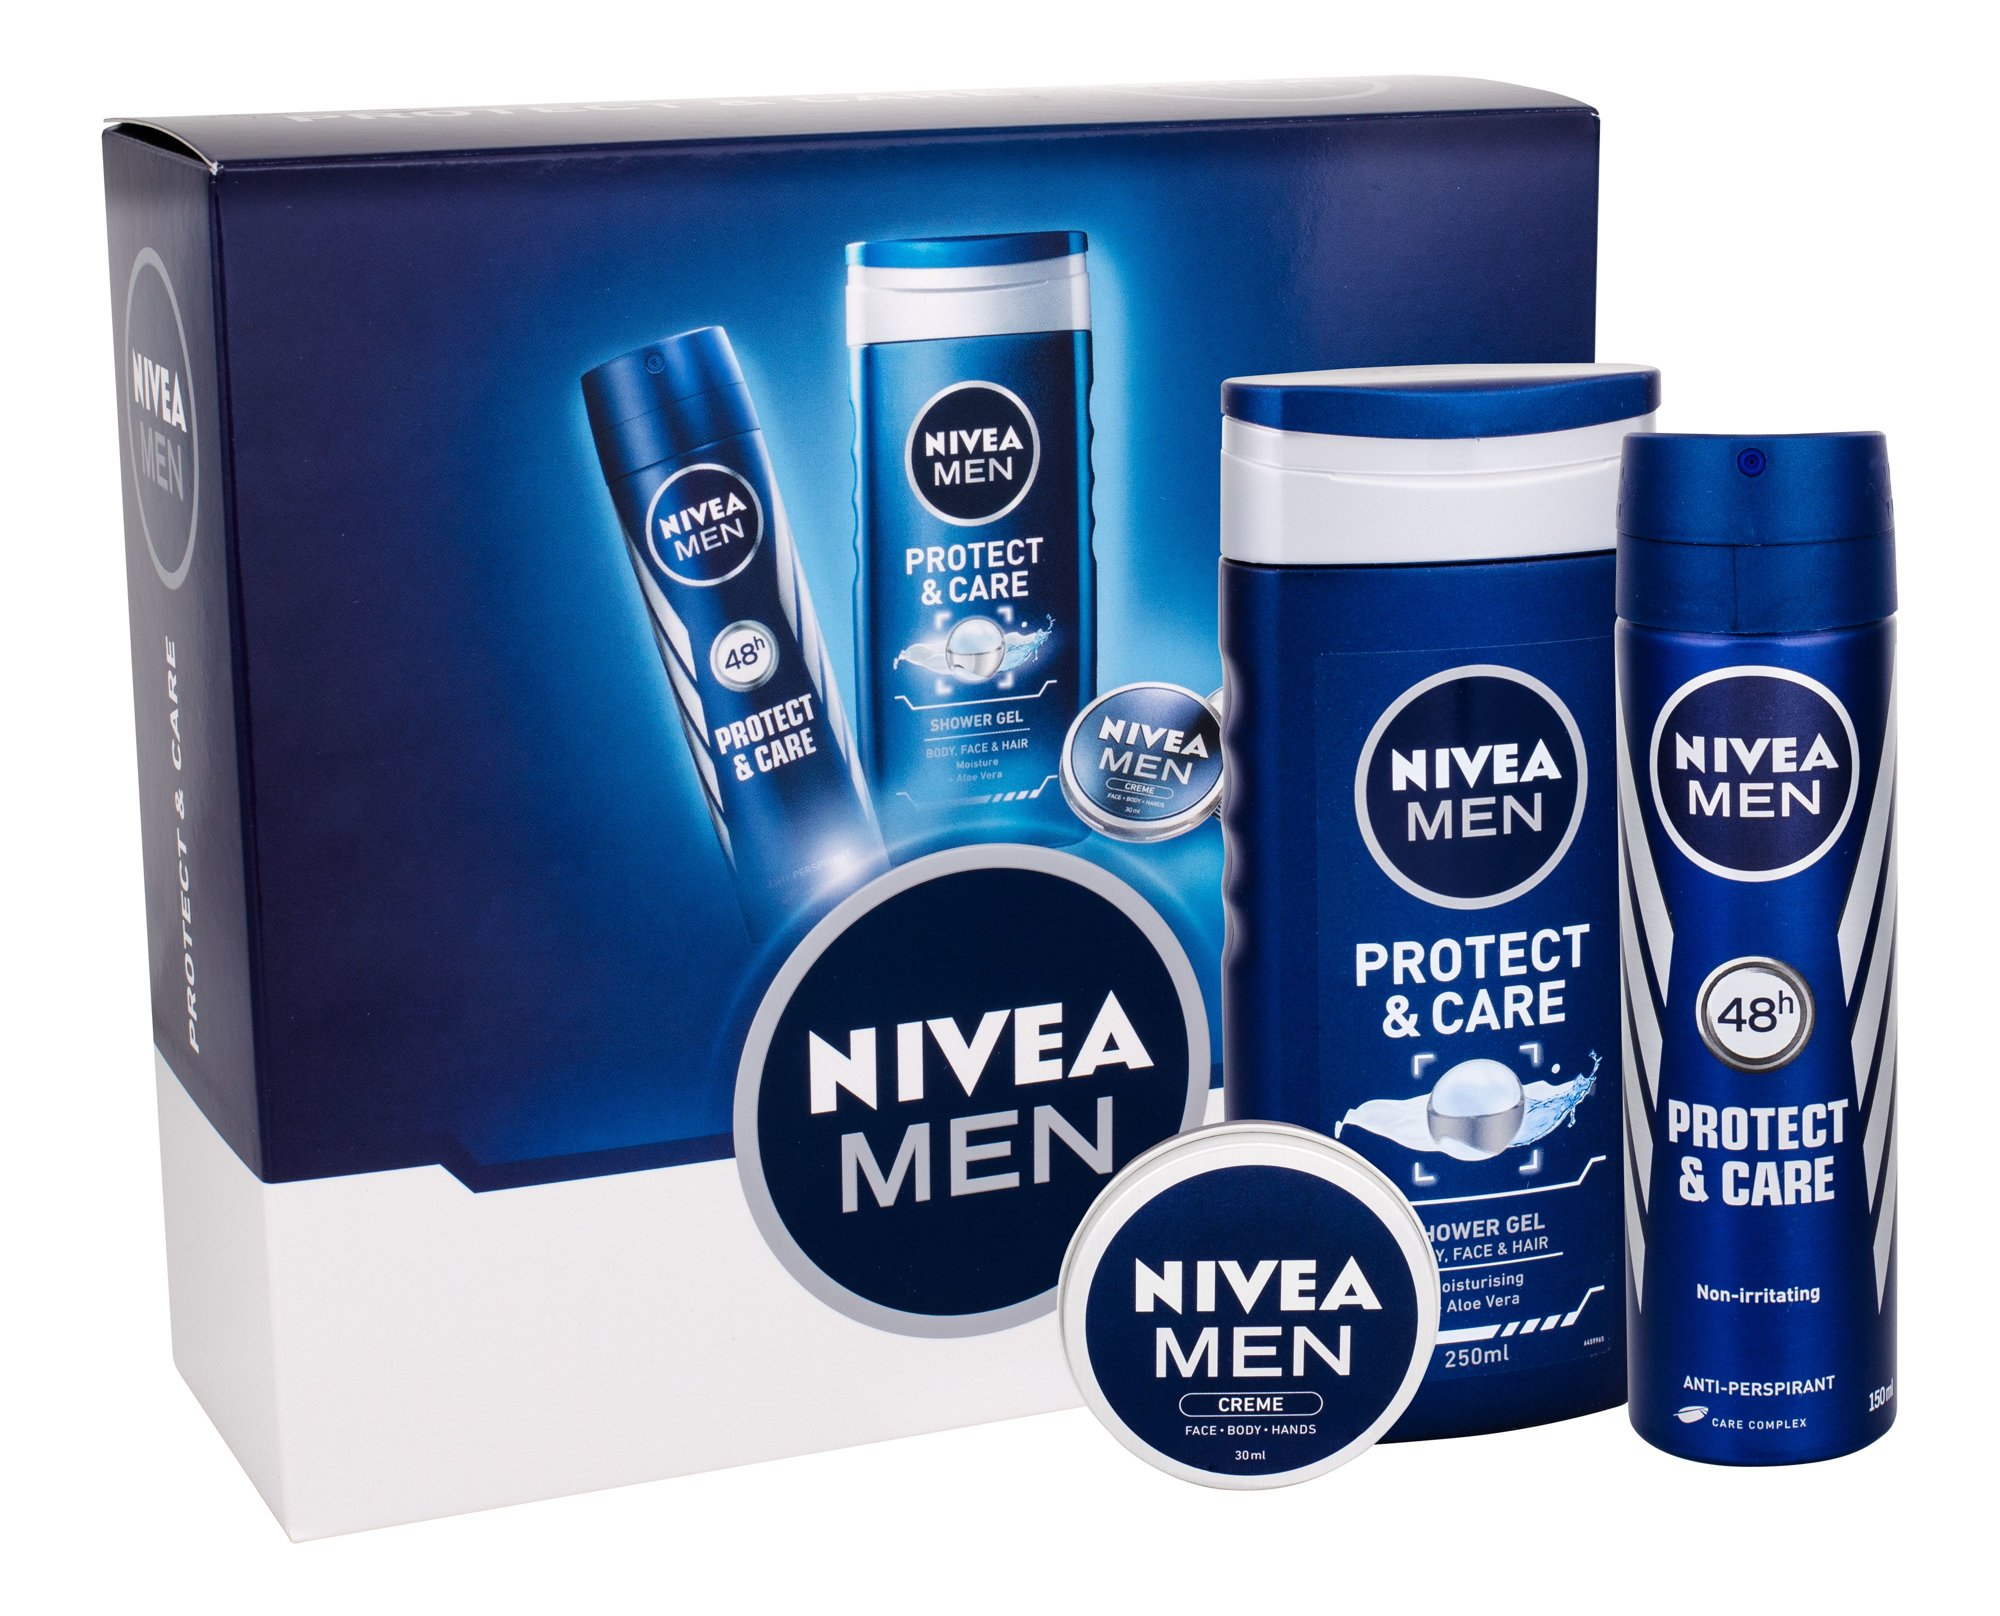 Nivea Men Protect & Care Cosmetic 250ml